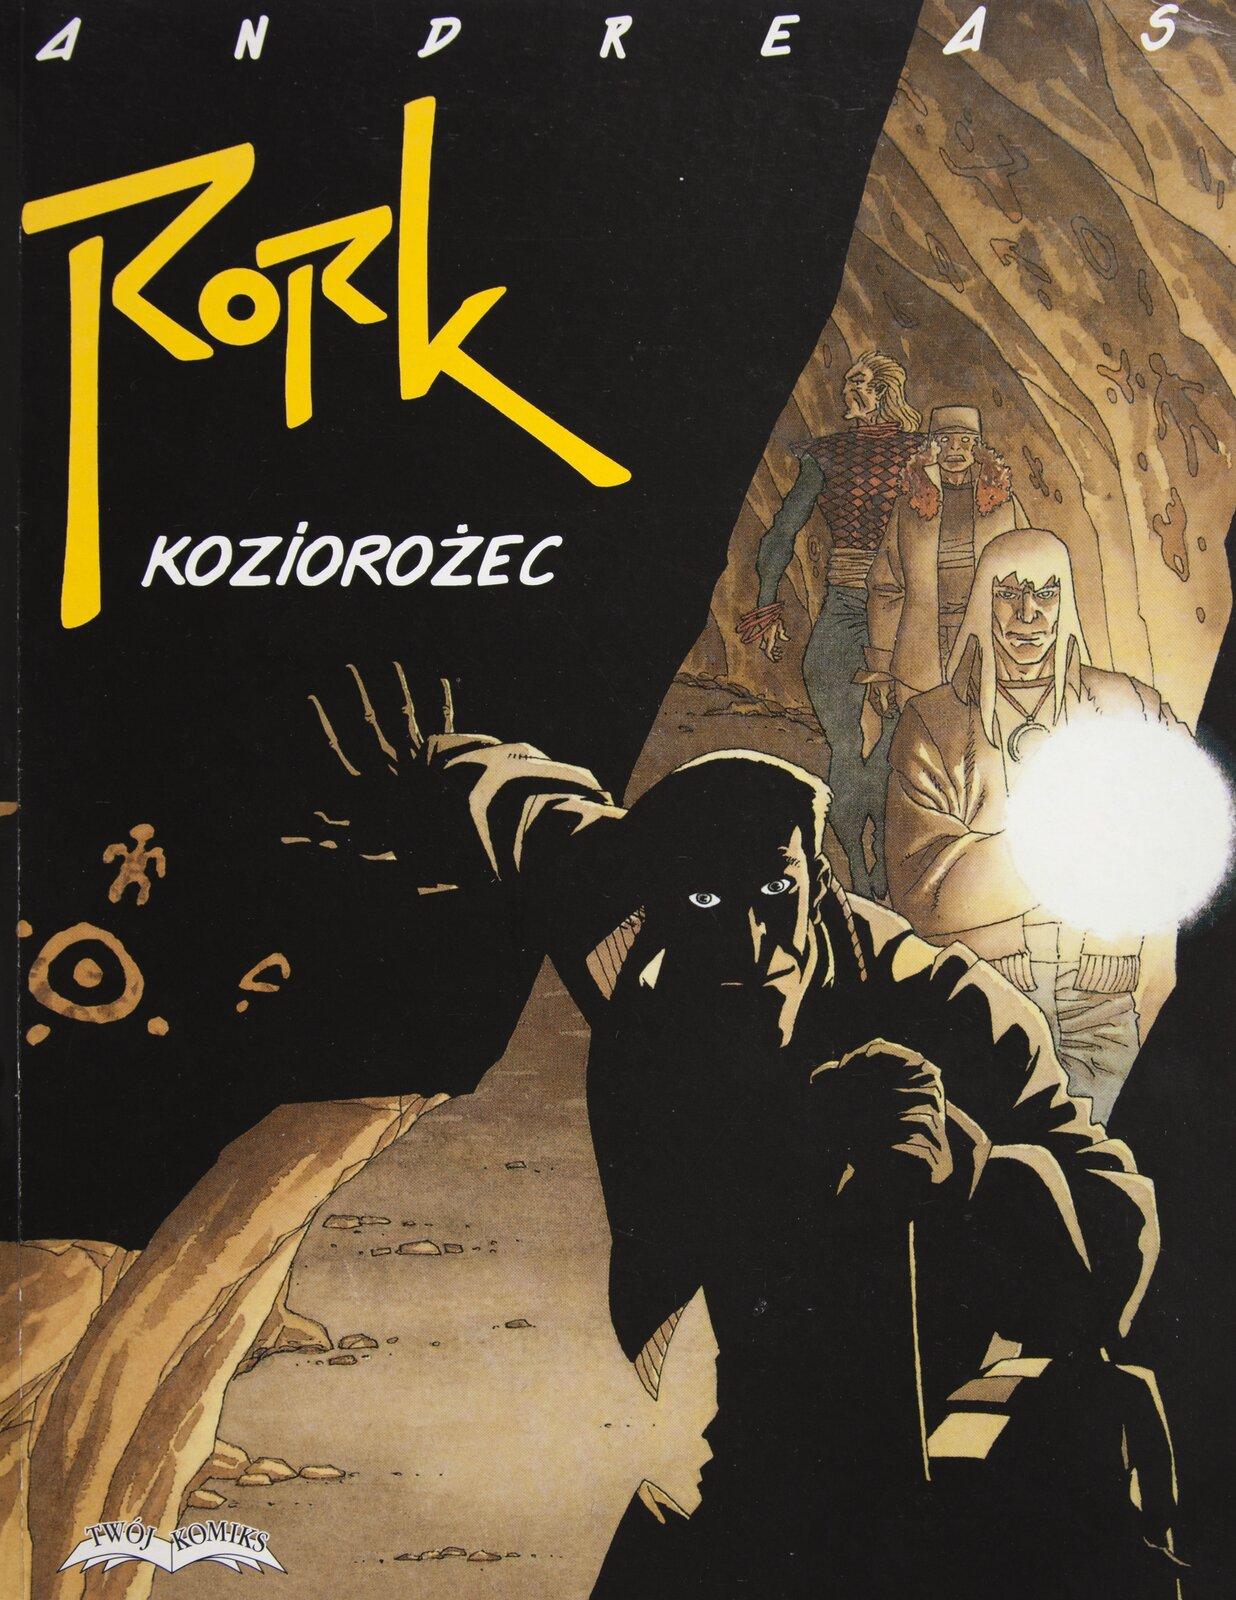 """Ilustracja przedstawia okładkę do komiksu """"Rork. Koziorożec"""".Na ilustracji widzimy grupę osób wędrujących po tunelu. Po lewej stronie widoczne są znaki, oraz postać człowieka. Pierwsza postać to prawdopodobnie główny bohater. Dalej widoczne są dwie kobiety imężczyzna."""